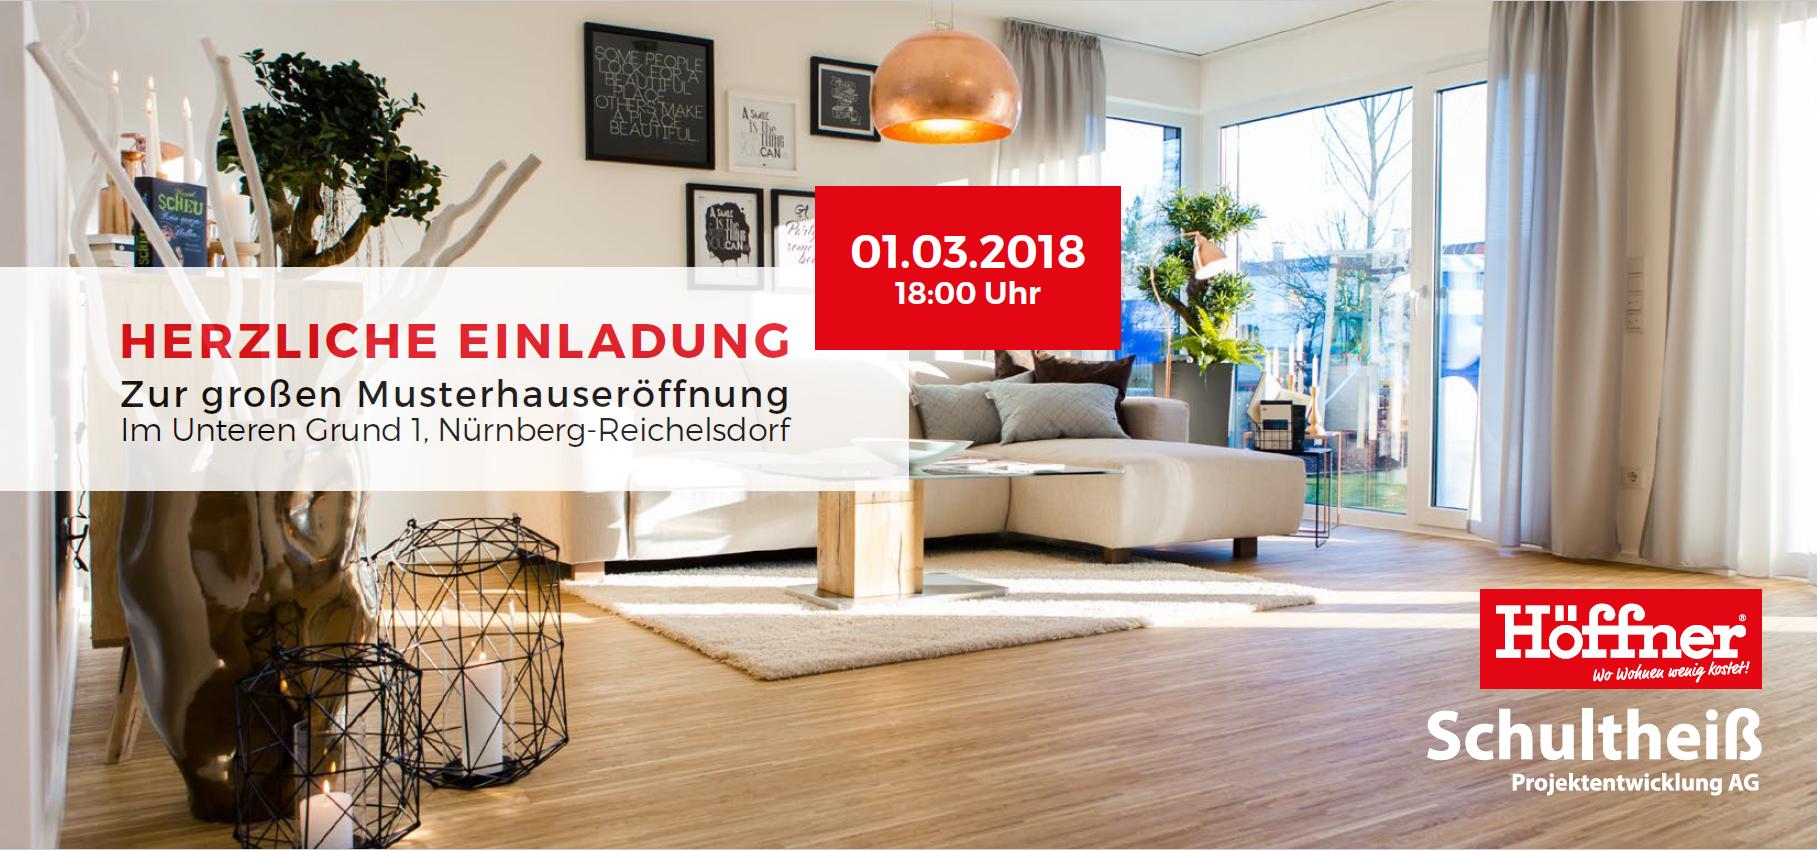 Unique Nürnberg Möbelhaus Reference Of [event] Große Eröffnung In Nürnberg Reichelsdorf –